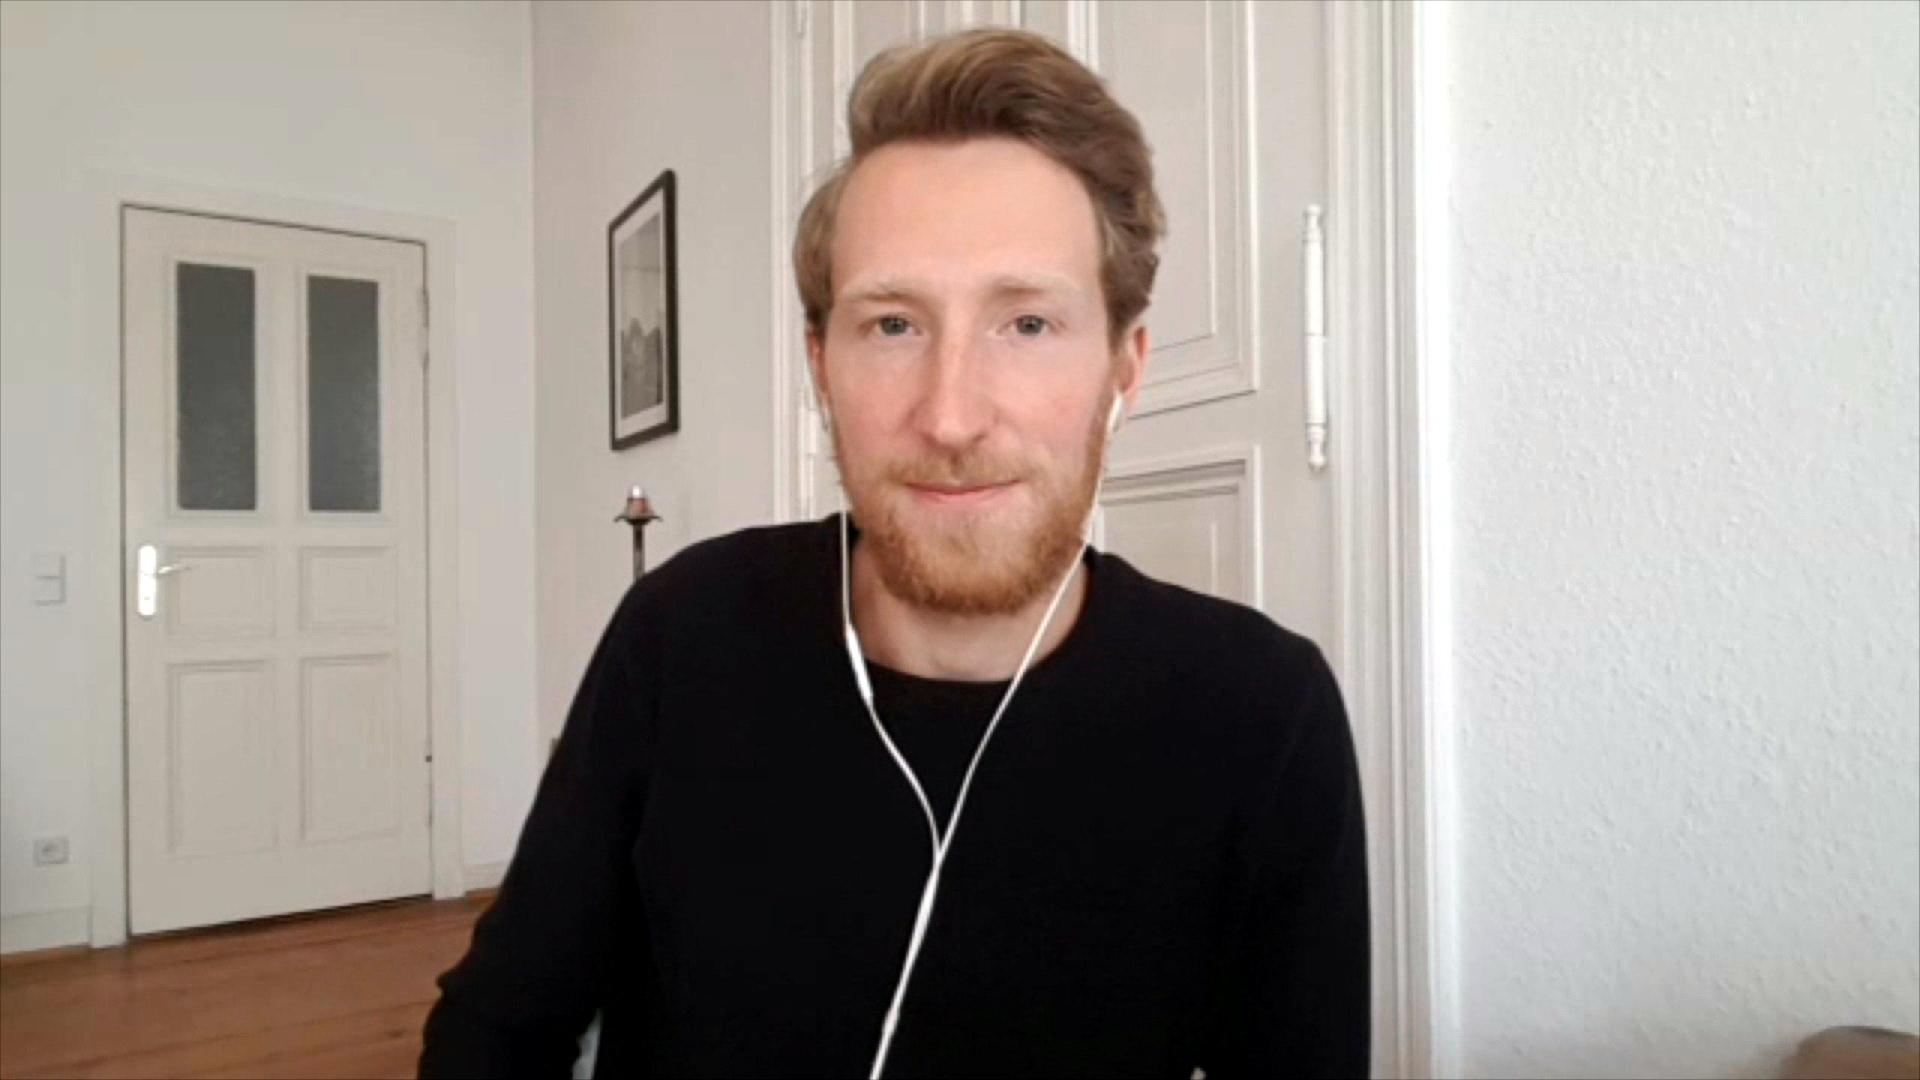 Diskutier mit mir: Politischer Diskurs im Netz - Interview mit Louis Klamroth